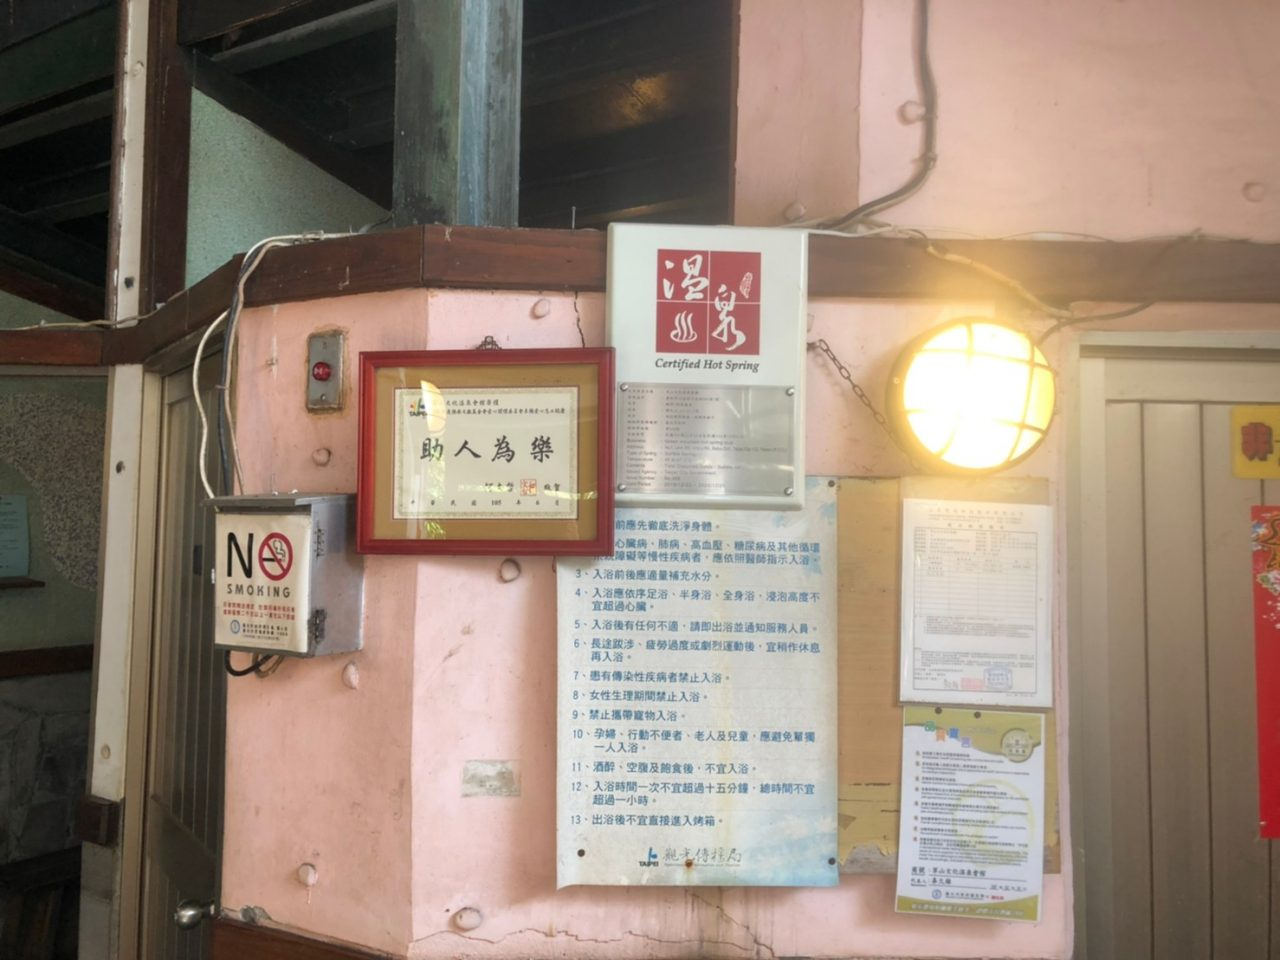 2021【紗帽山行義路溫泉區一日懶人包】餐廳泡湯推薦